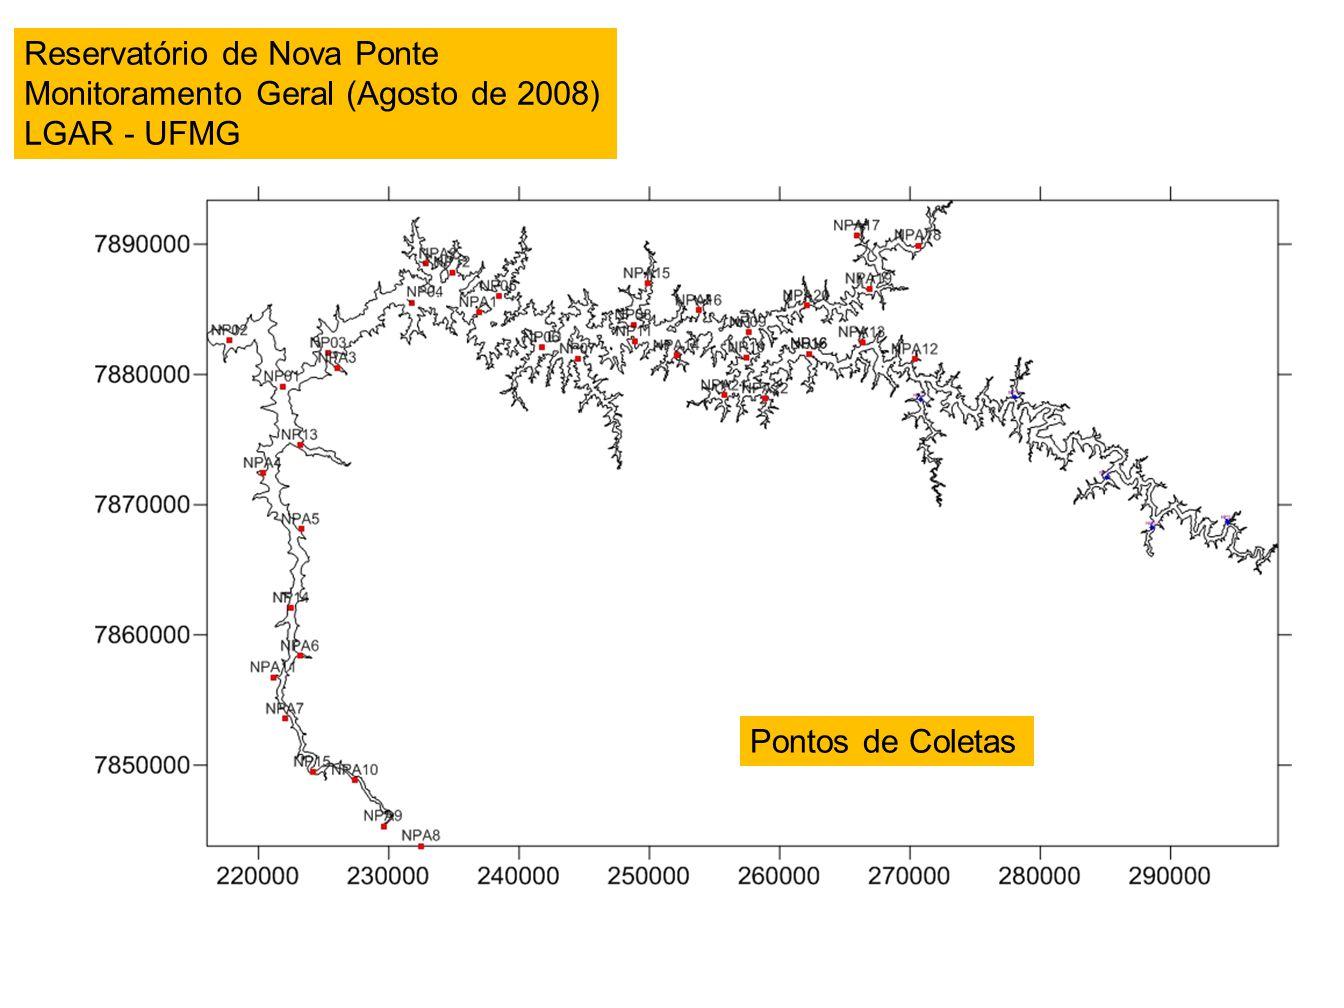 Pontos de Coletas Reservatório de Nova Ponte Monitoramento Geral (Agosto de 2008) LGAR - UFMG